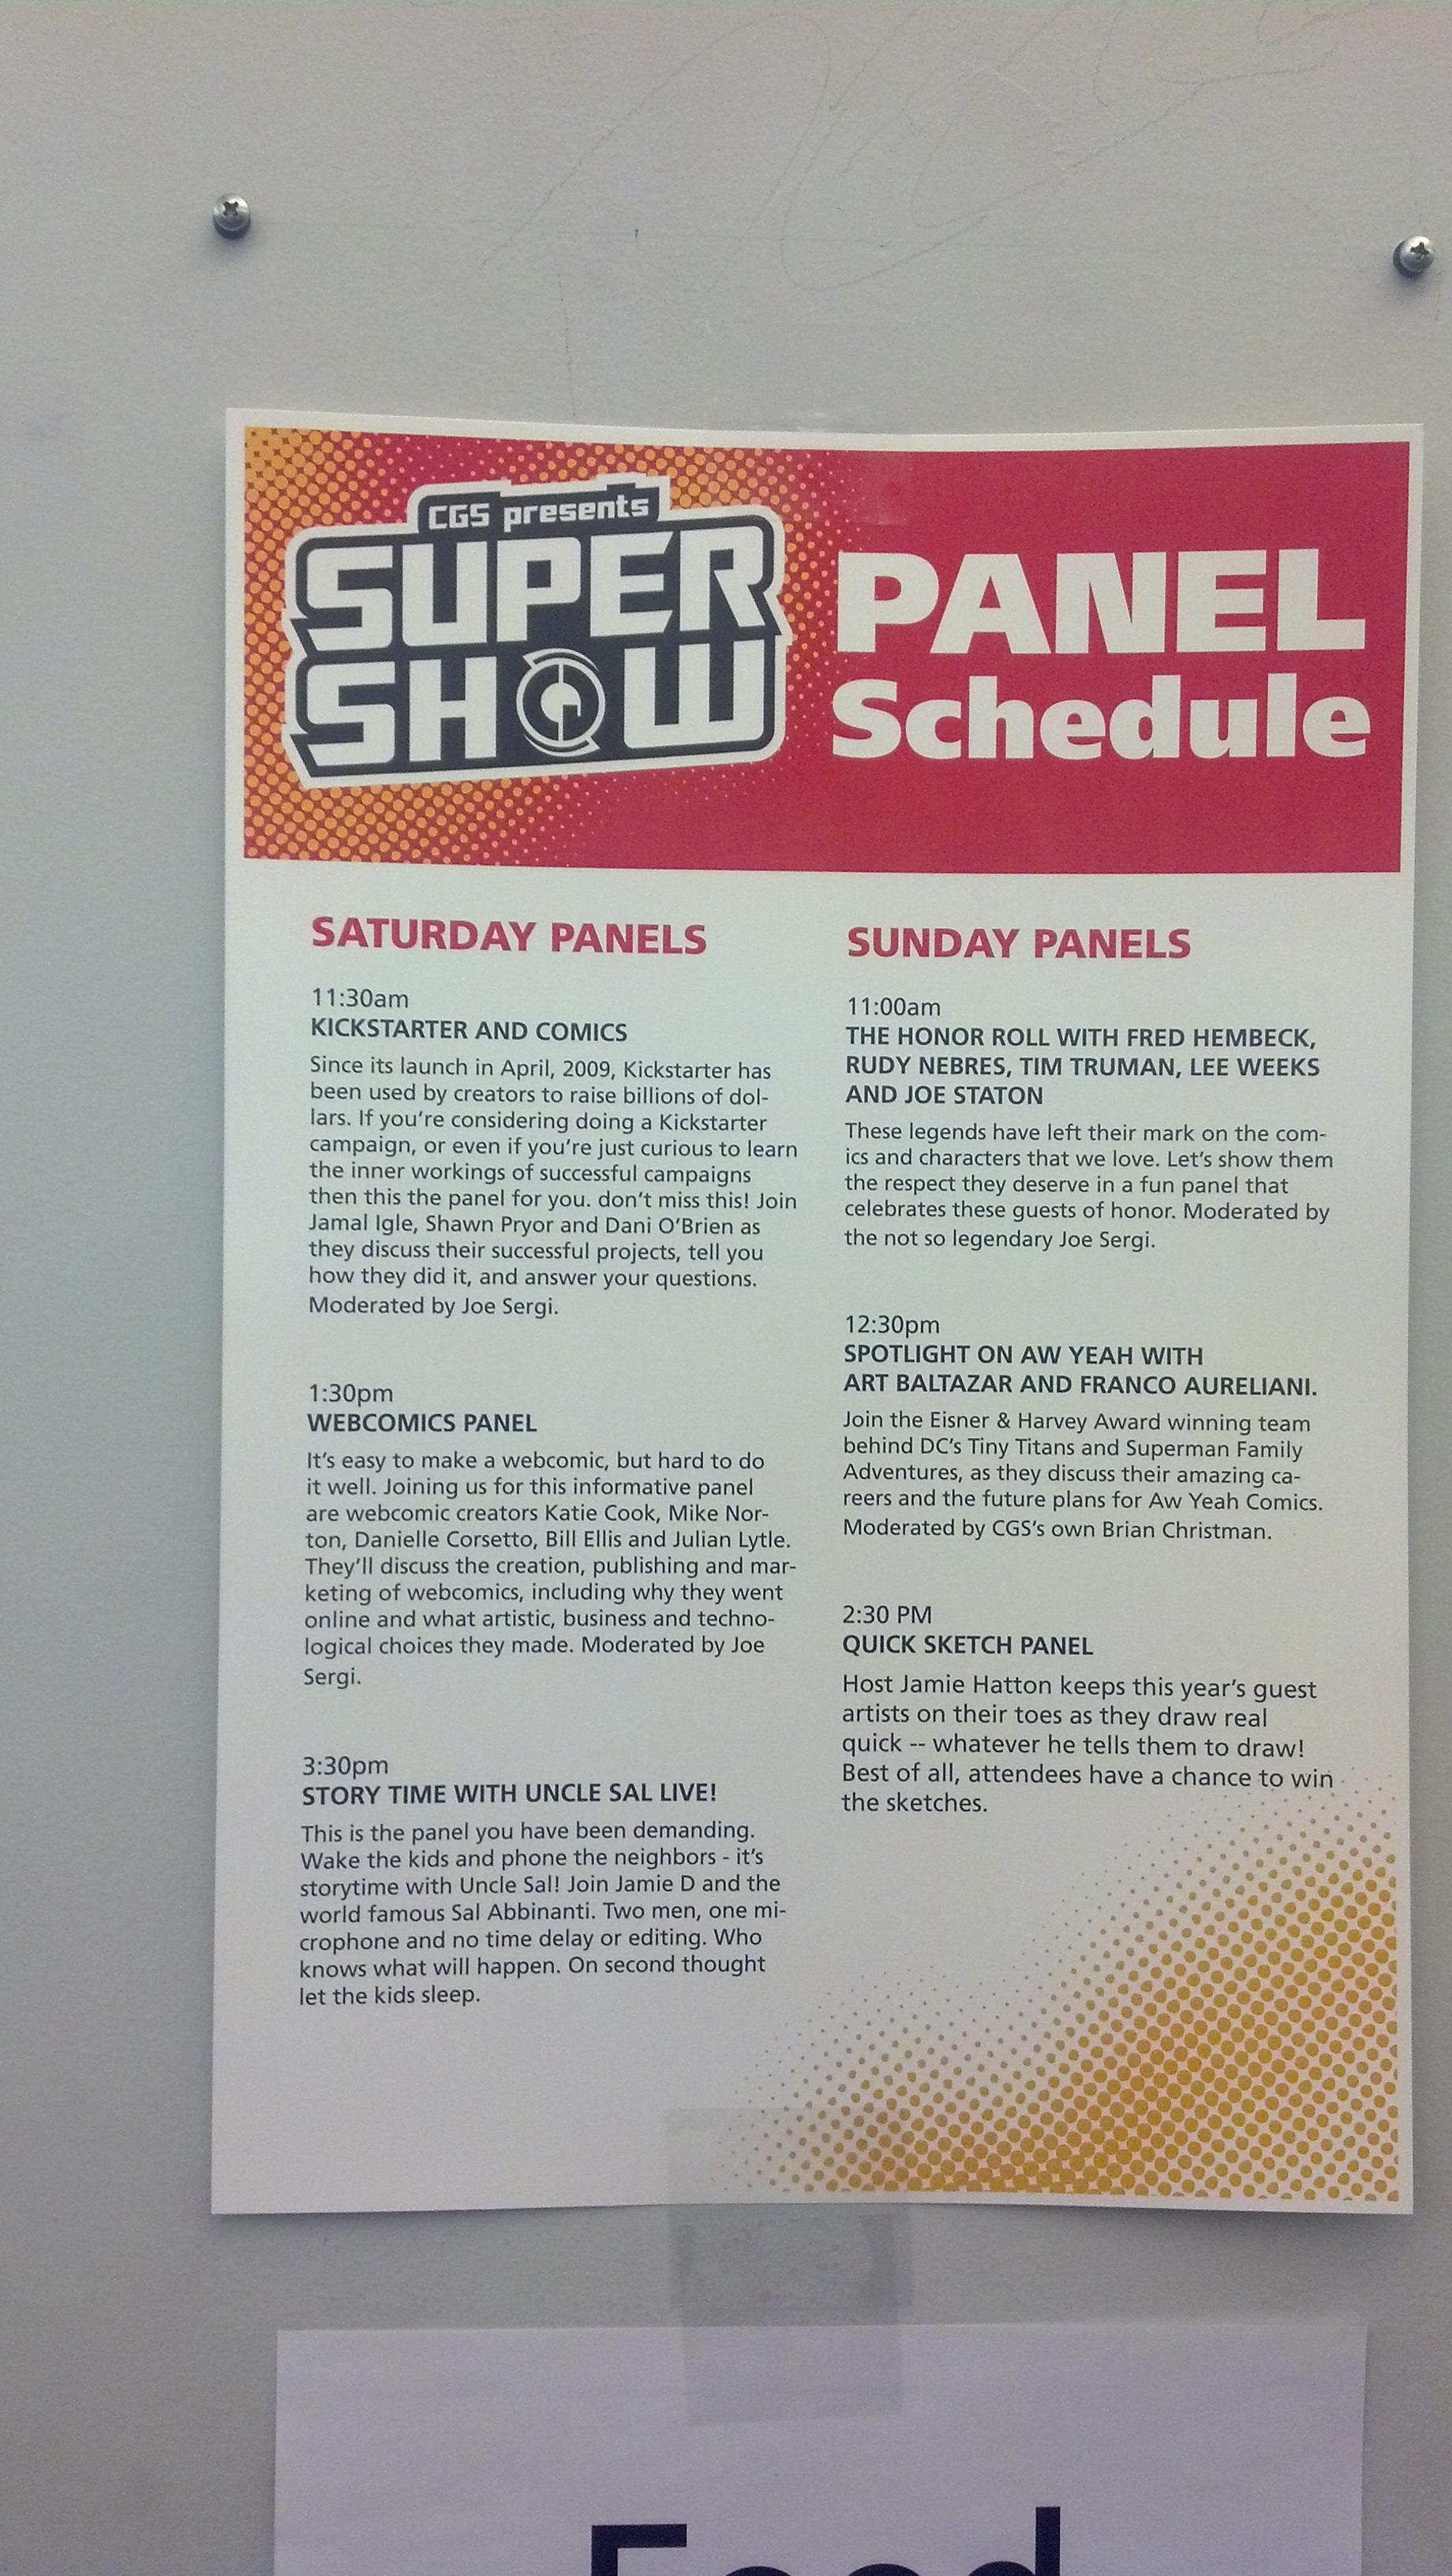 CGS Supershow 2013